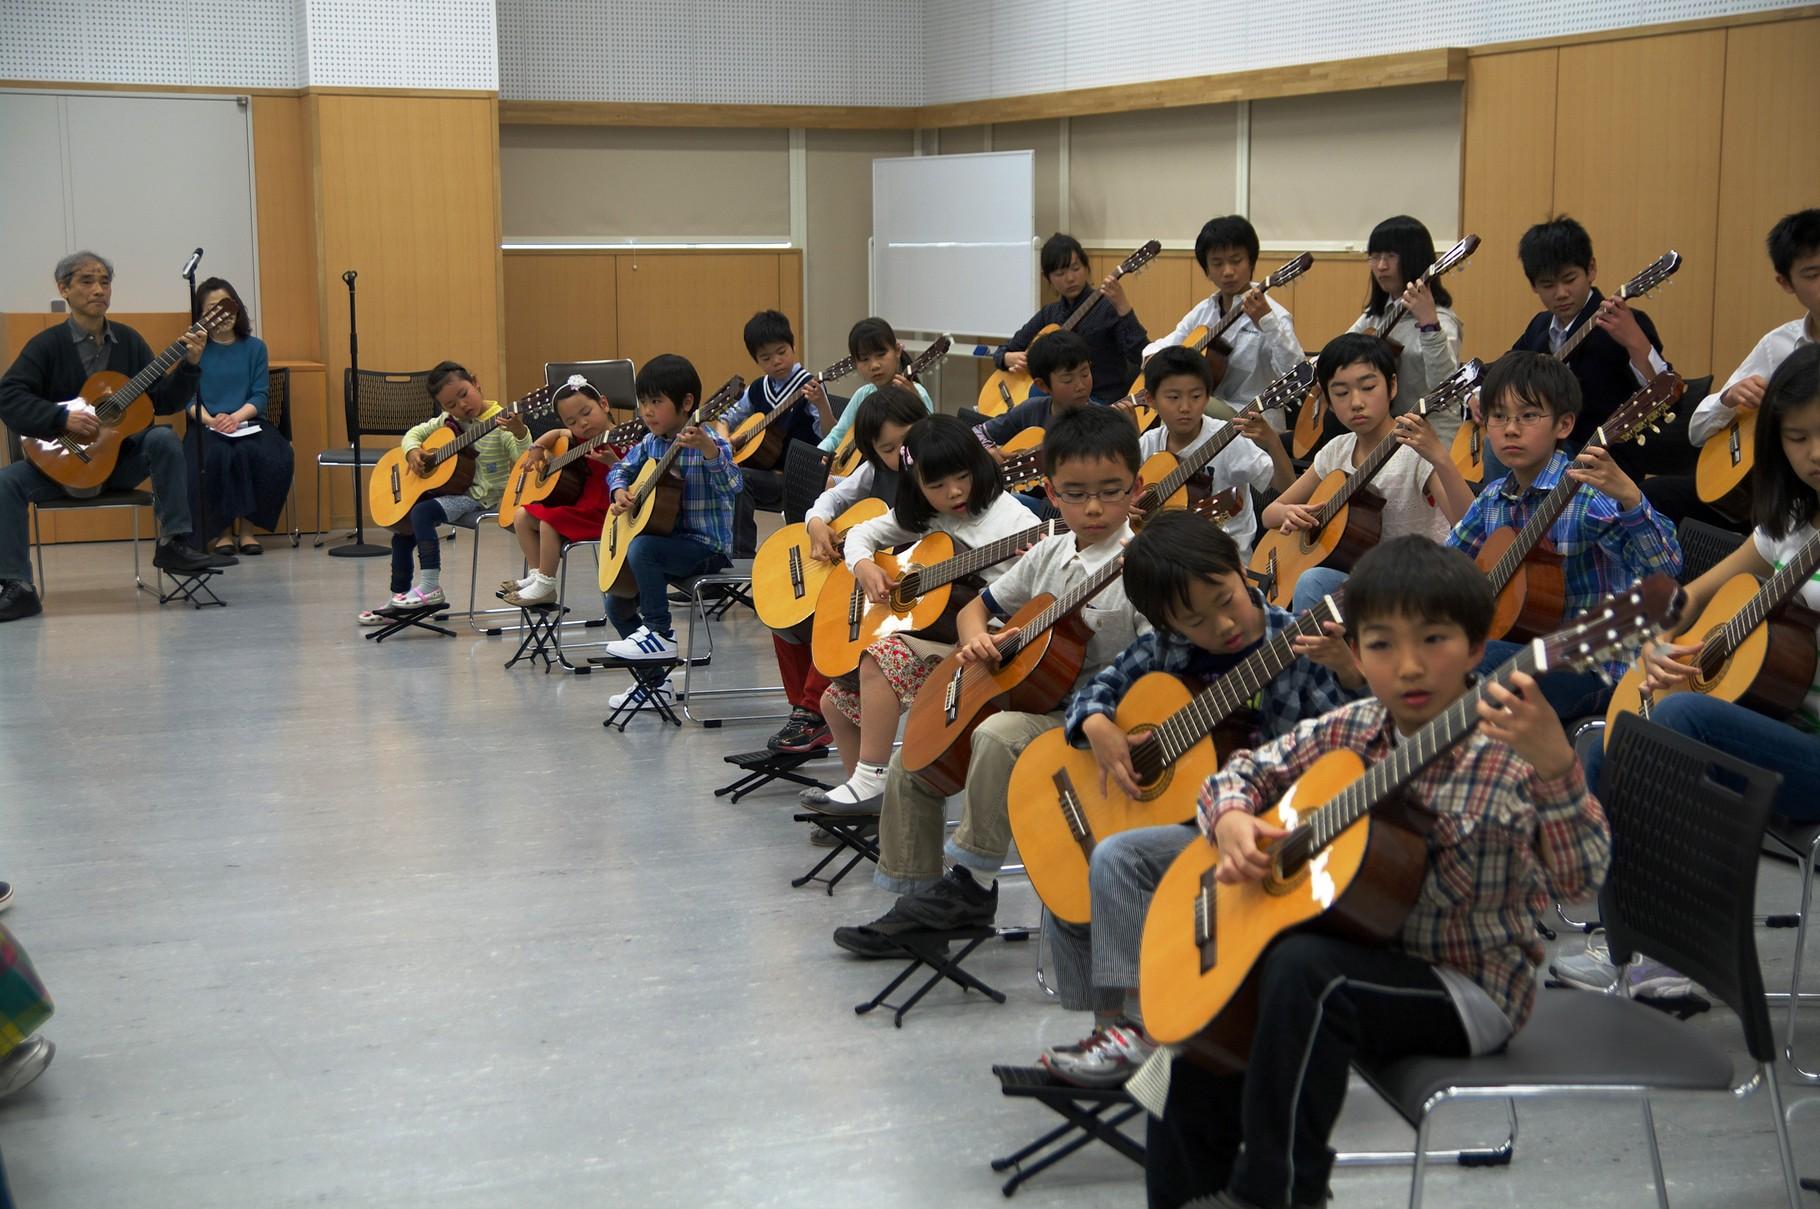 子ども達(5歳から高校生迄)による合奏。